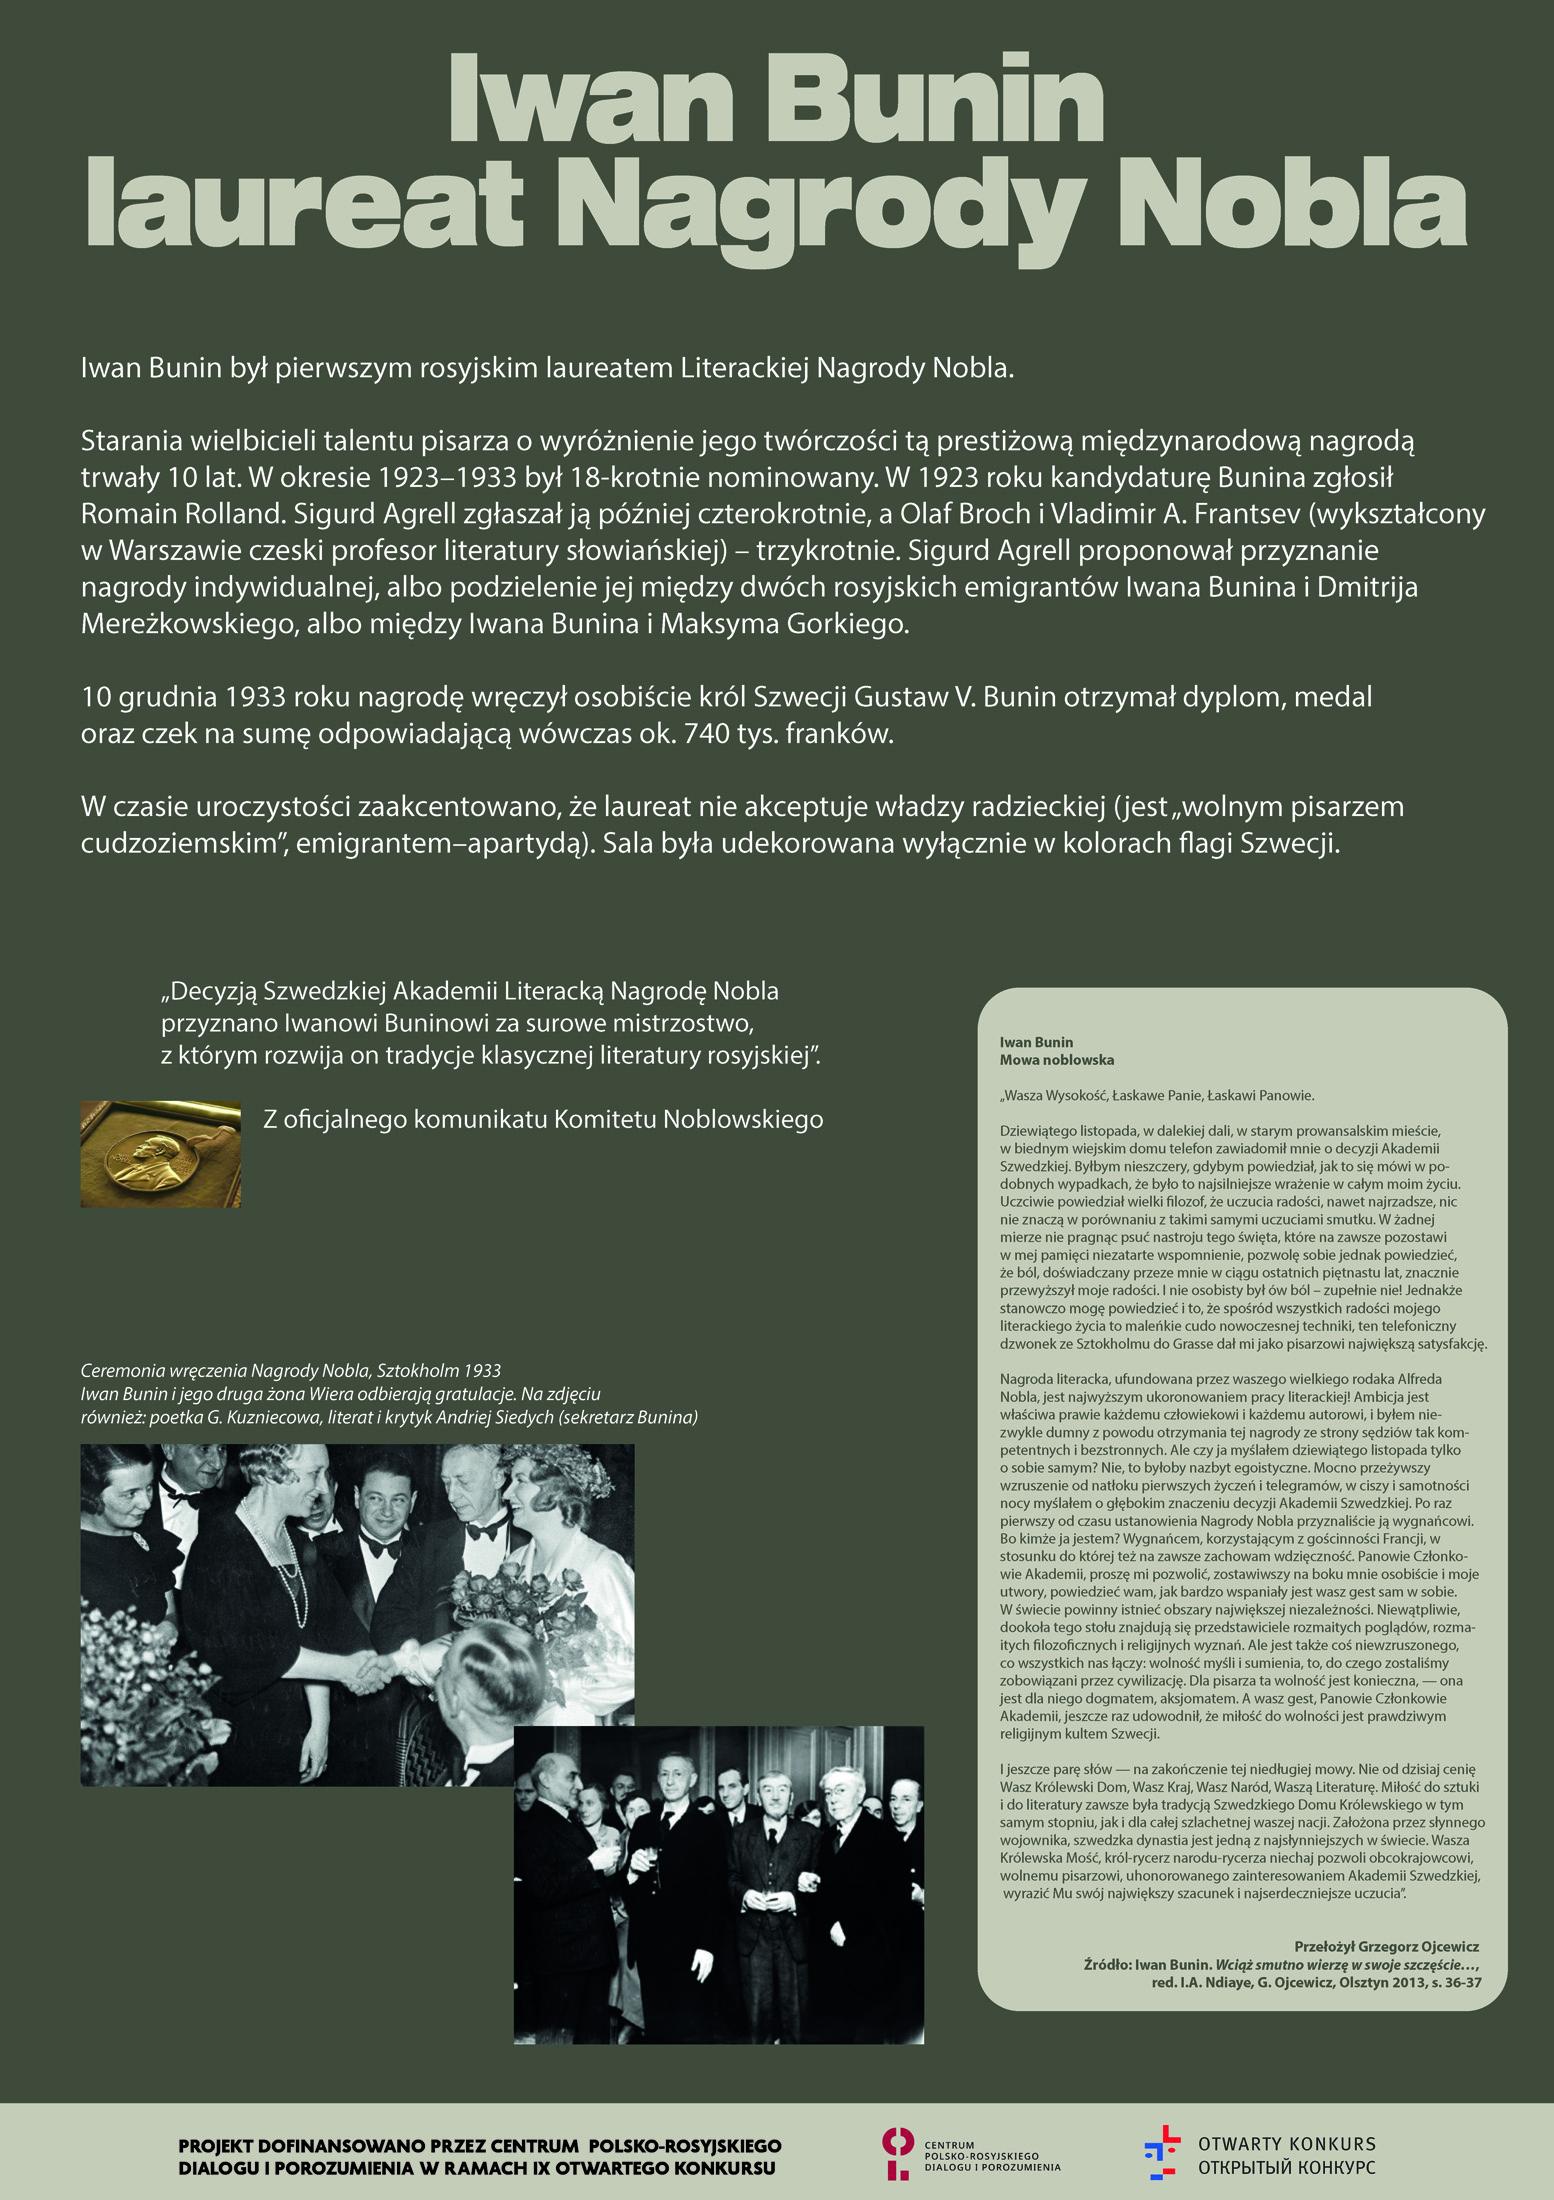 Ivan Bunin strona 3